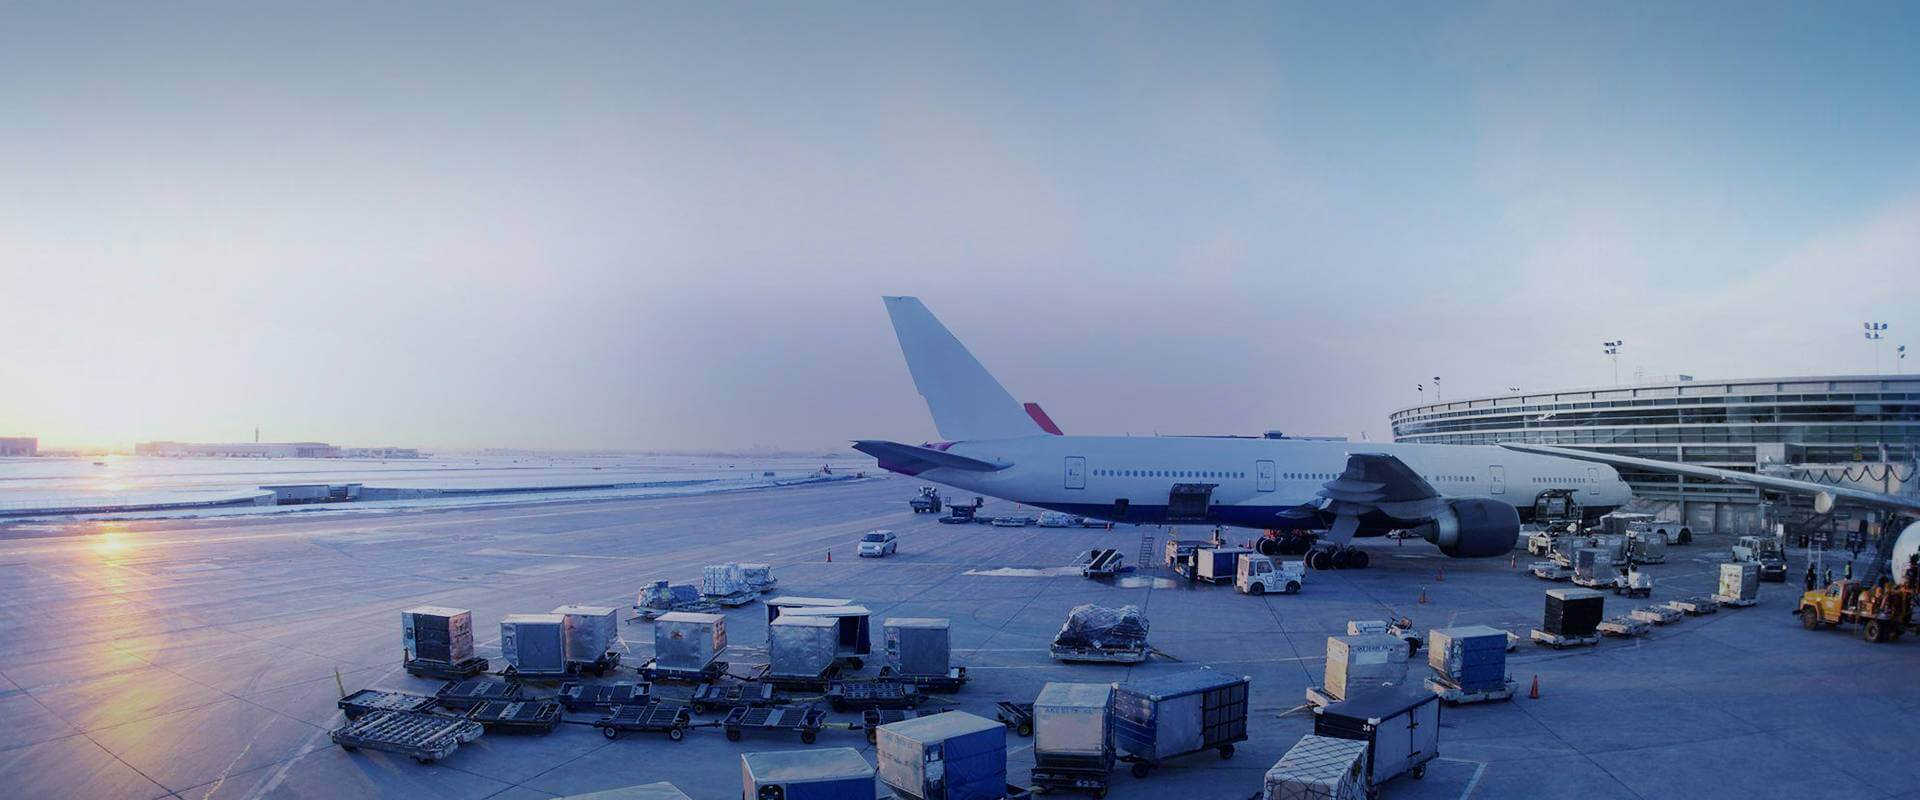 2021年深圳国际航空运输现状